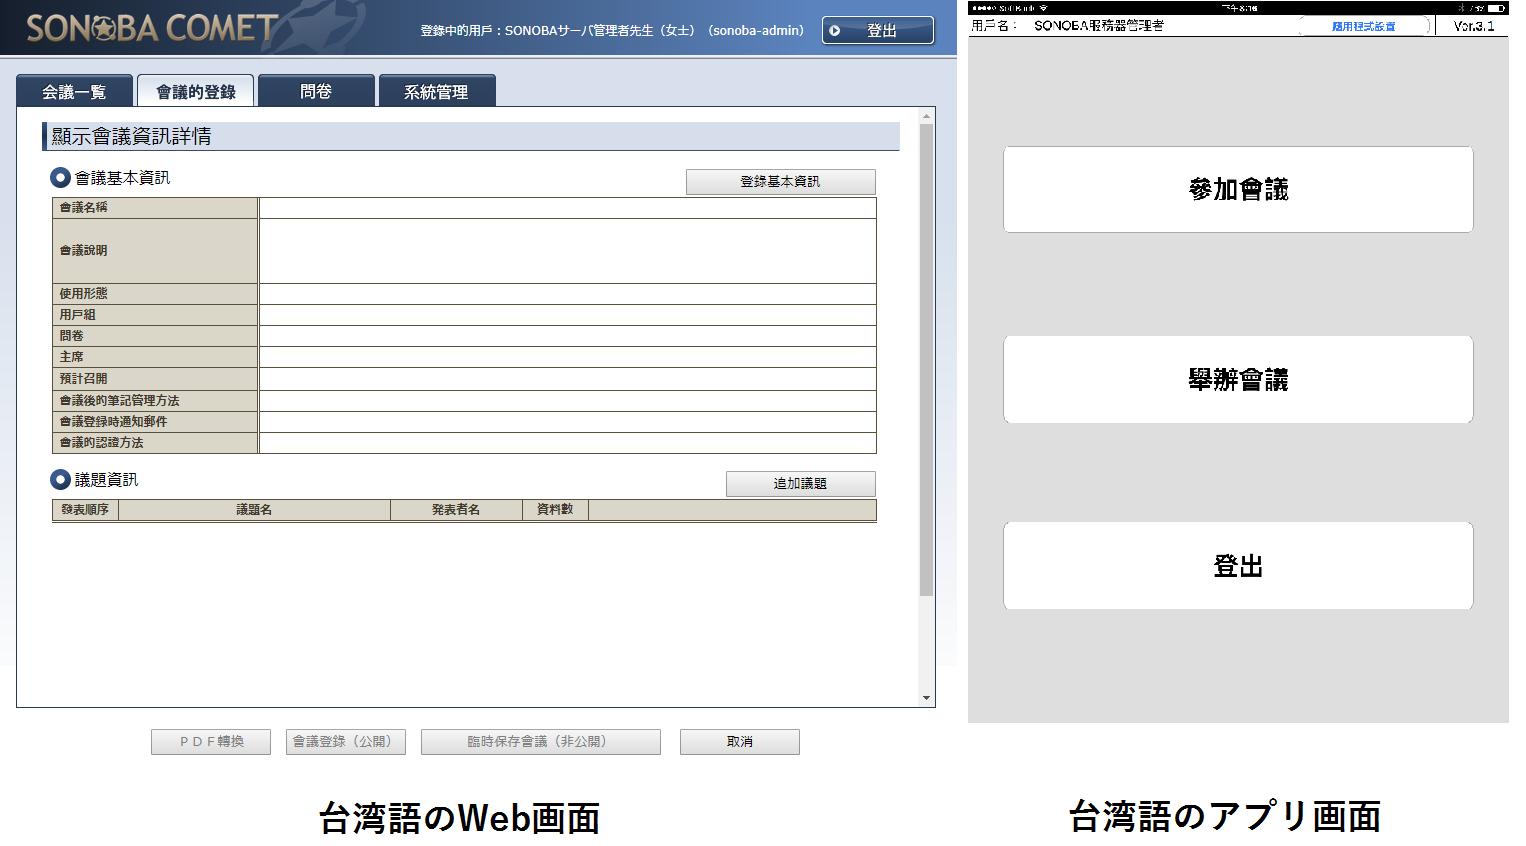 台湾語対応